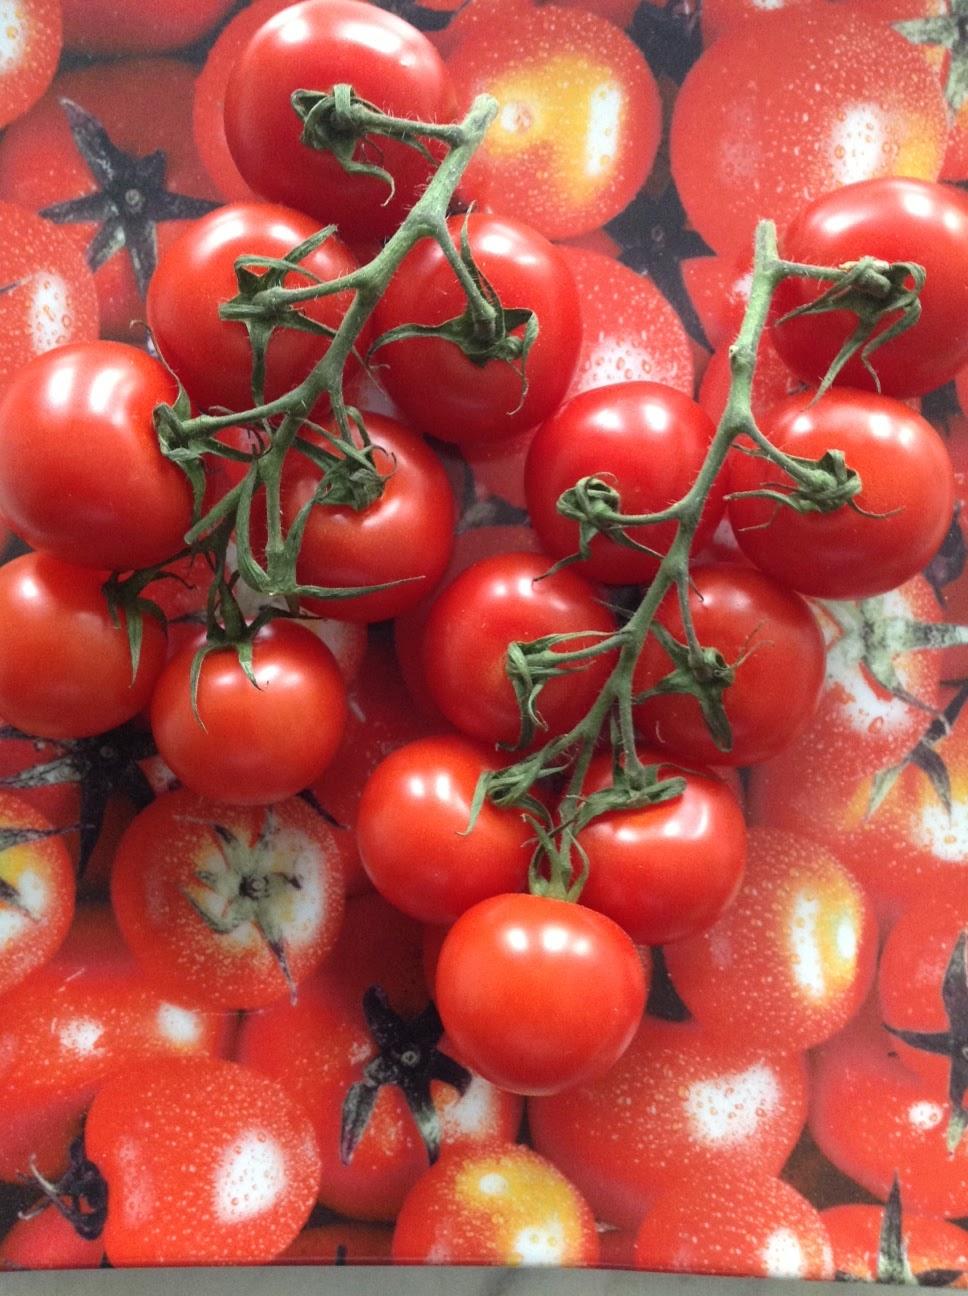 zeitschriftenwurm wann gibt es endlich gescheite tomaten. Black Bedroom Furniture Sets. Home Design Ideas